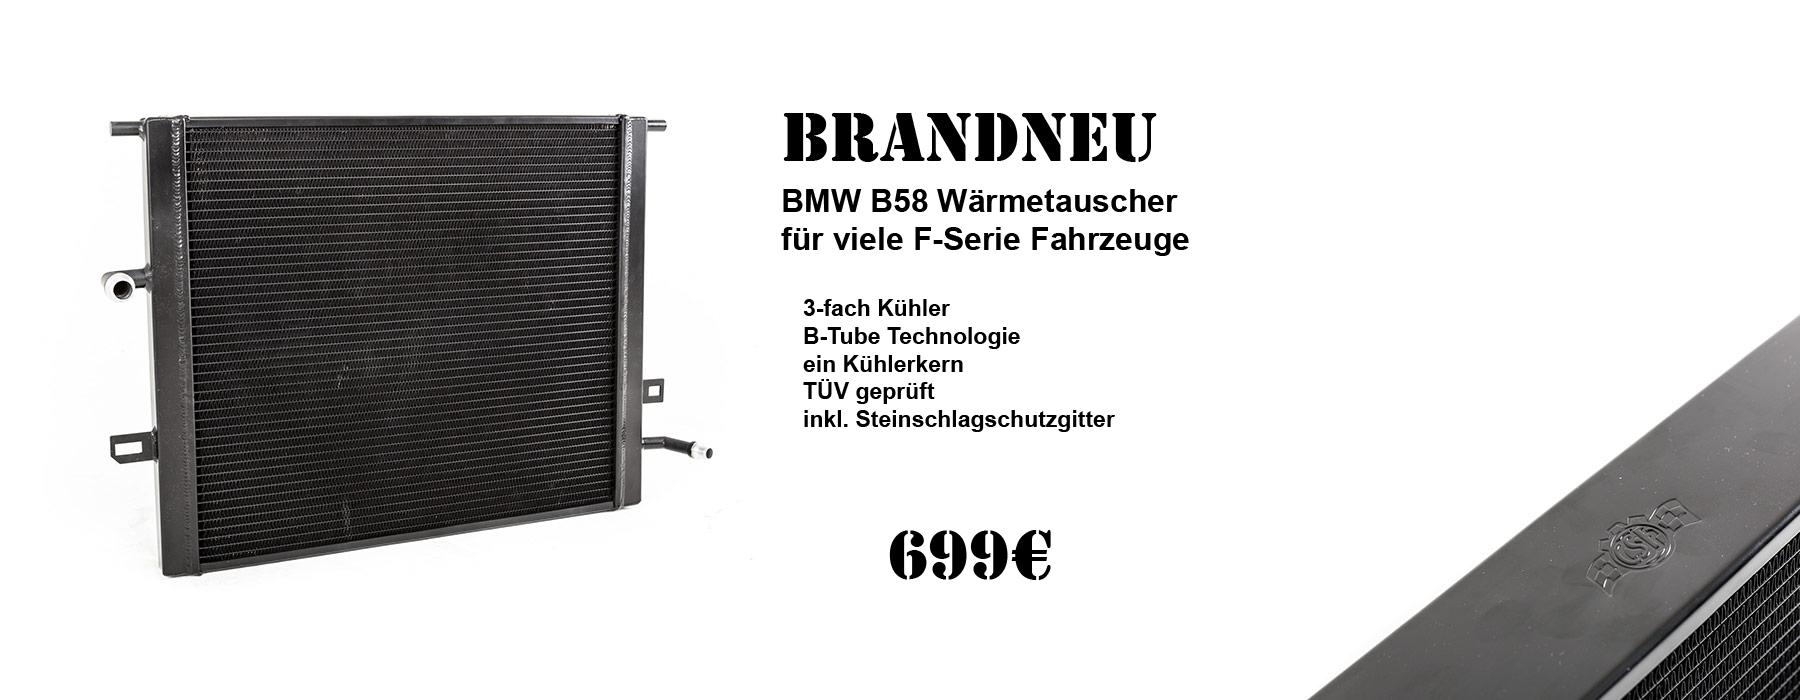 B58 Wärmetauscher